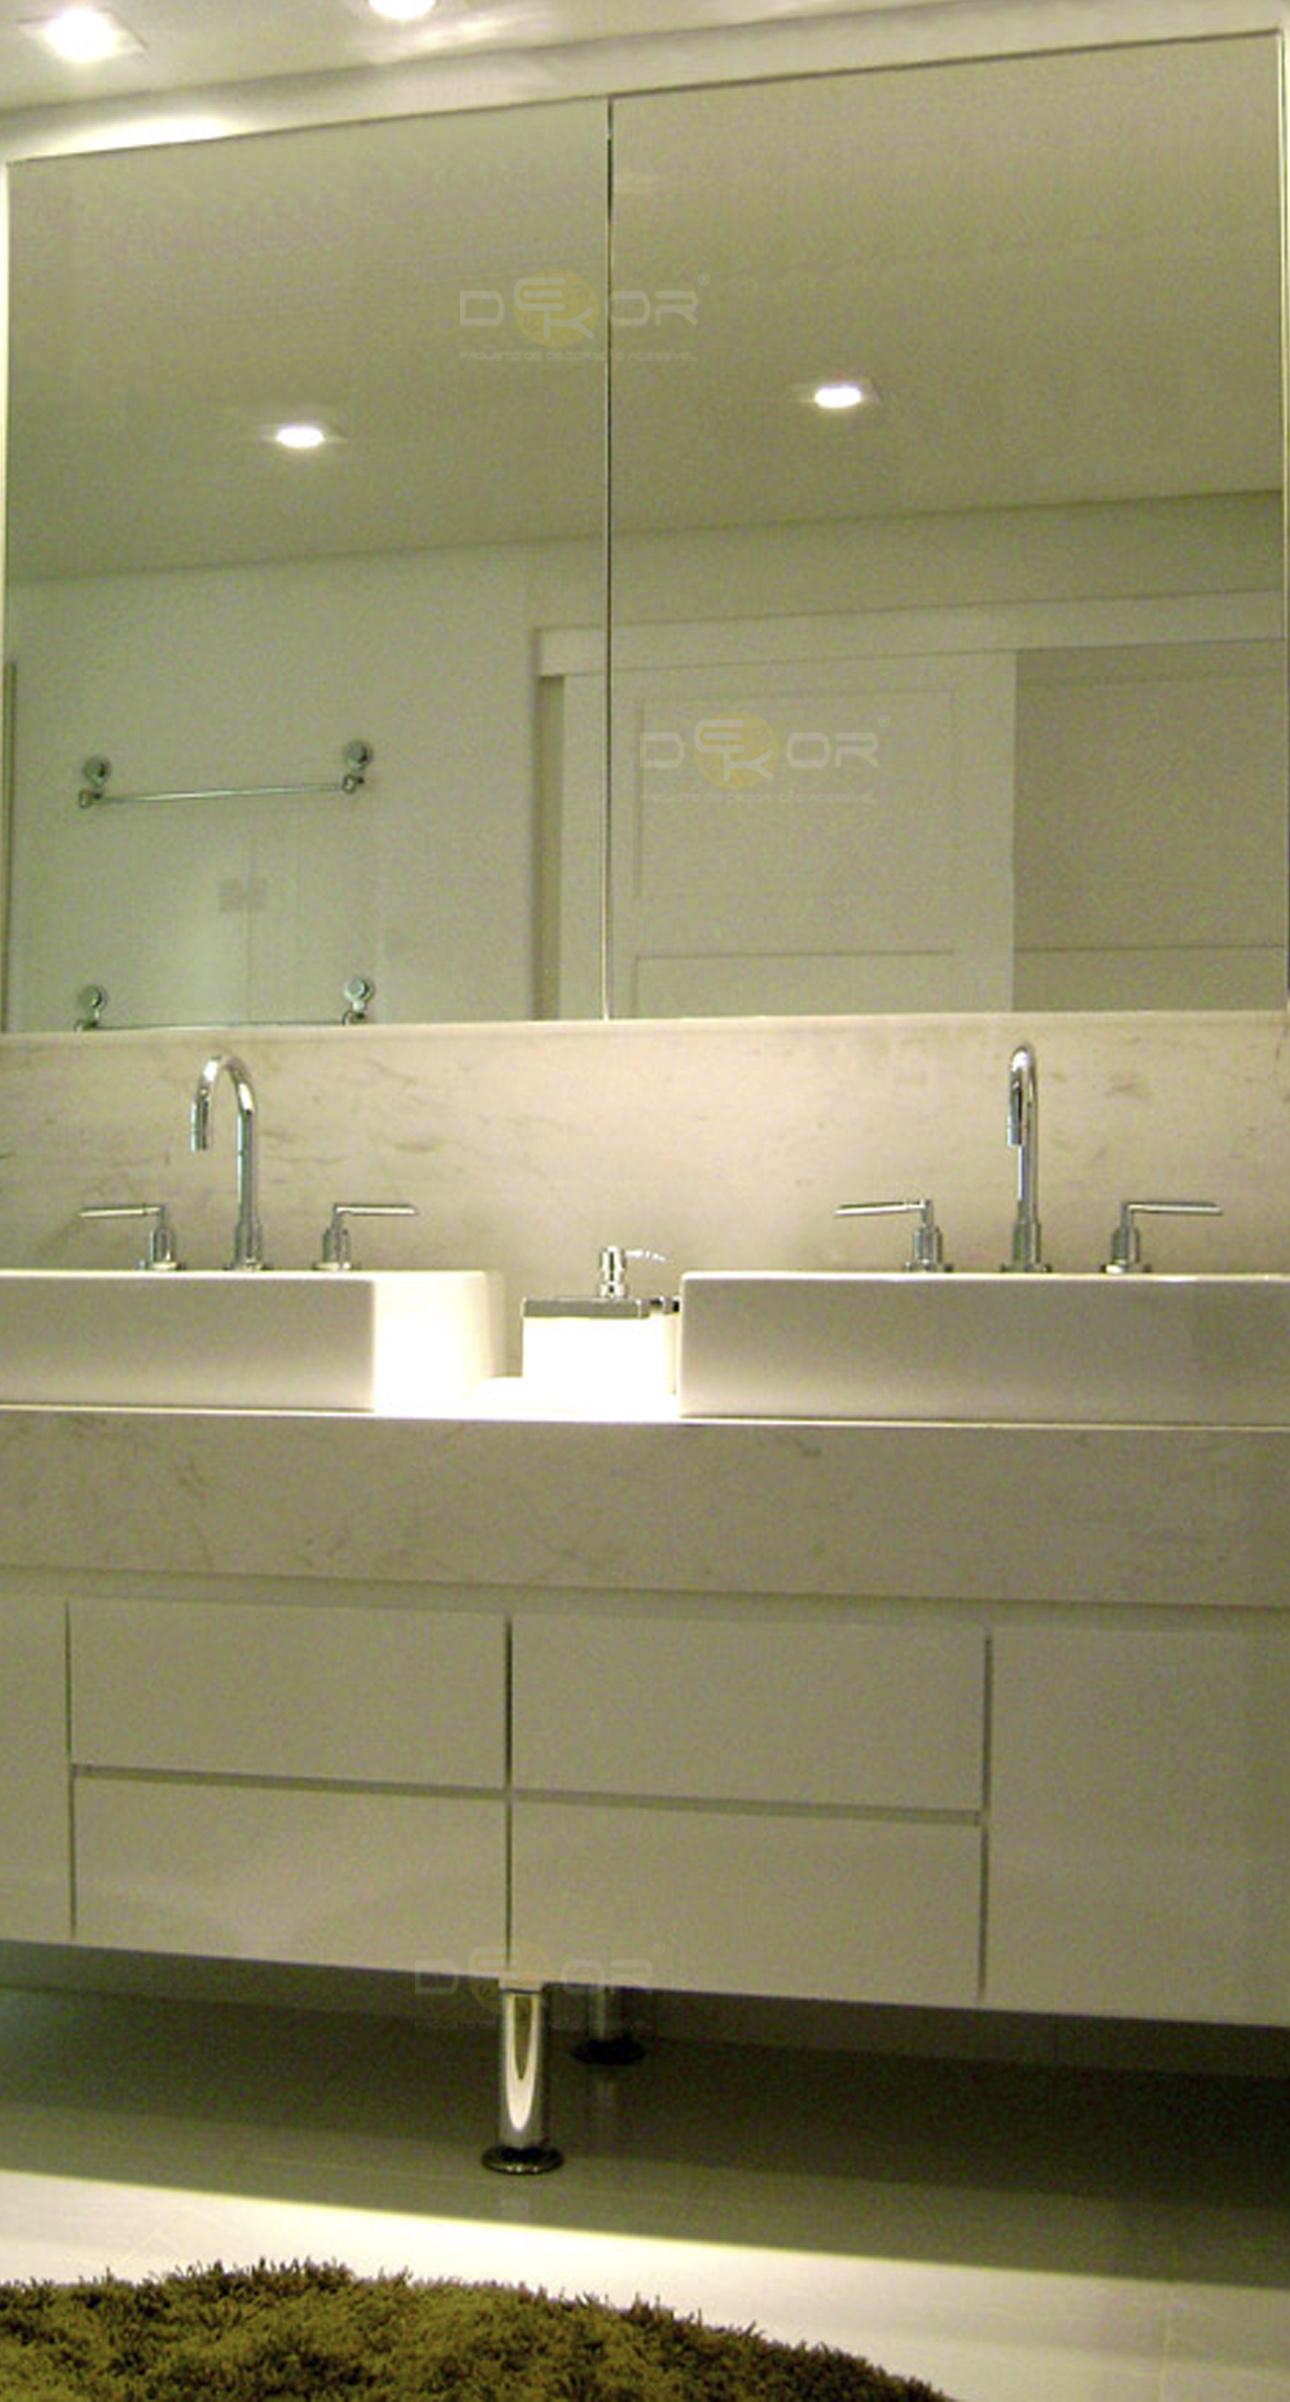 06/03/2014 1290 × 2402 Projeto de Banheiro – Decoração Online #33 #5B5020 1290 2402